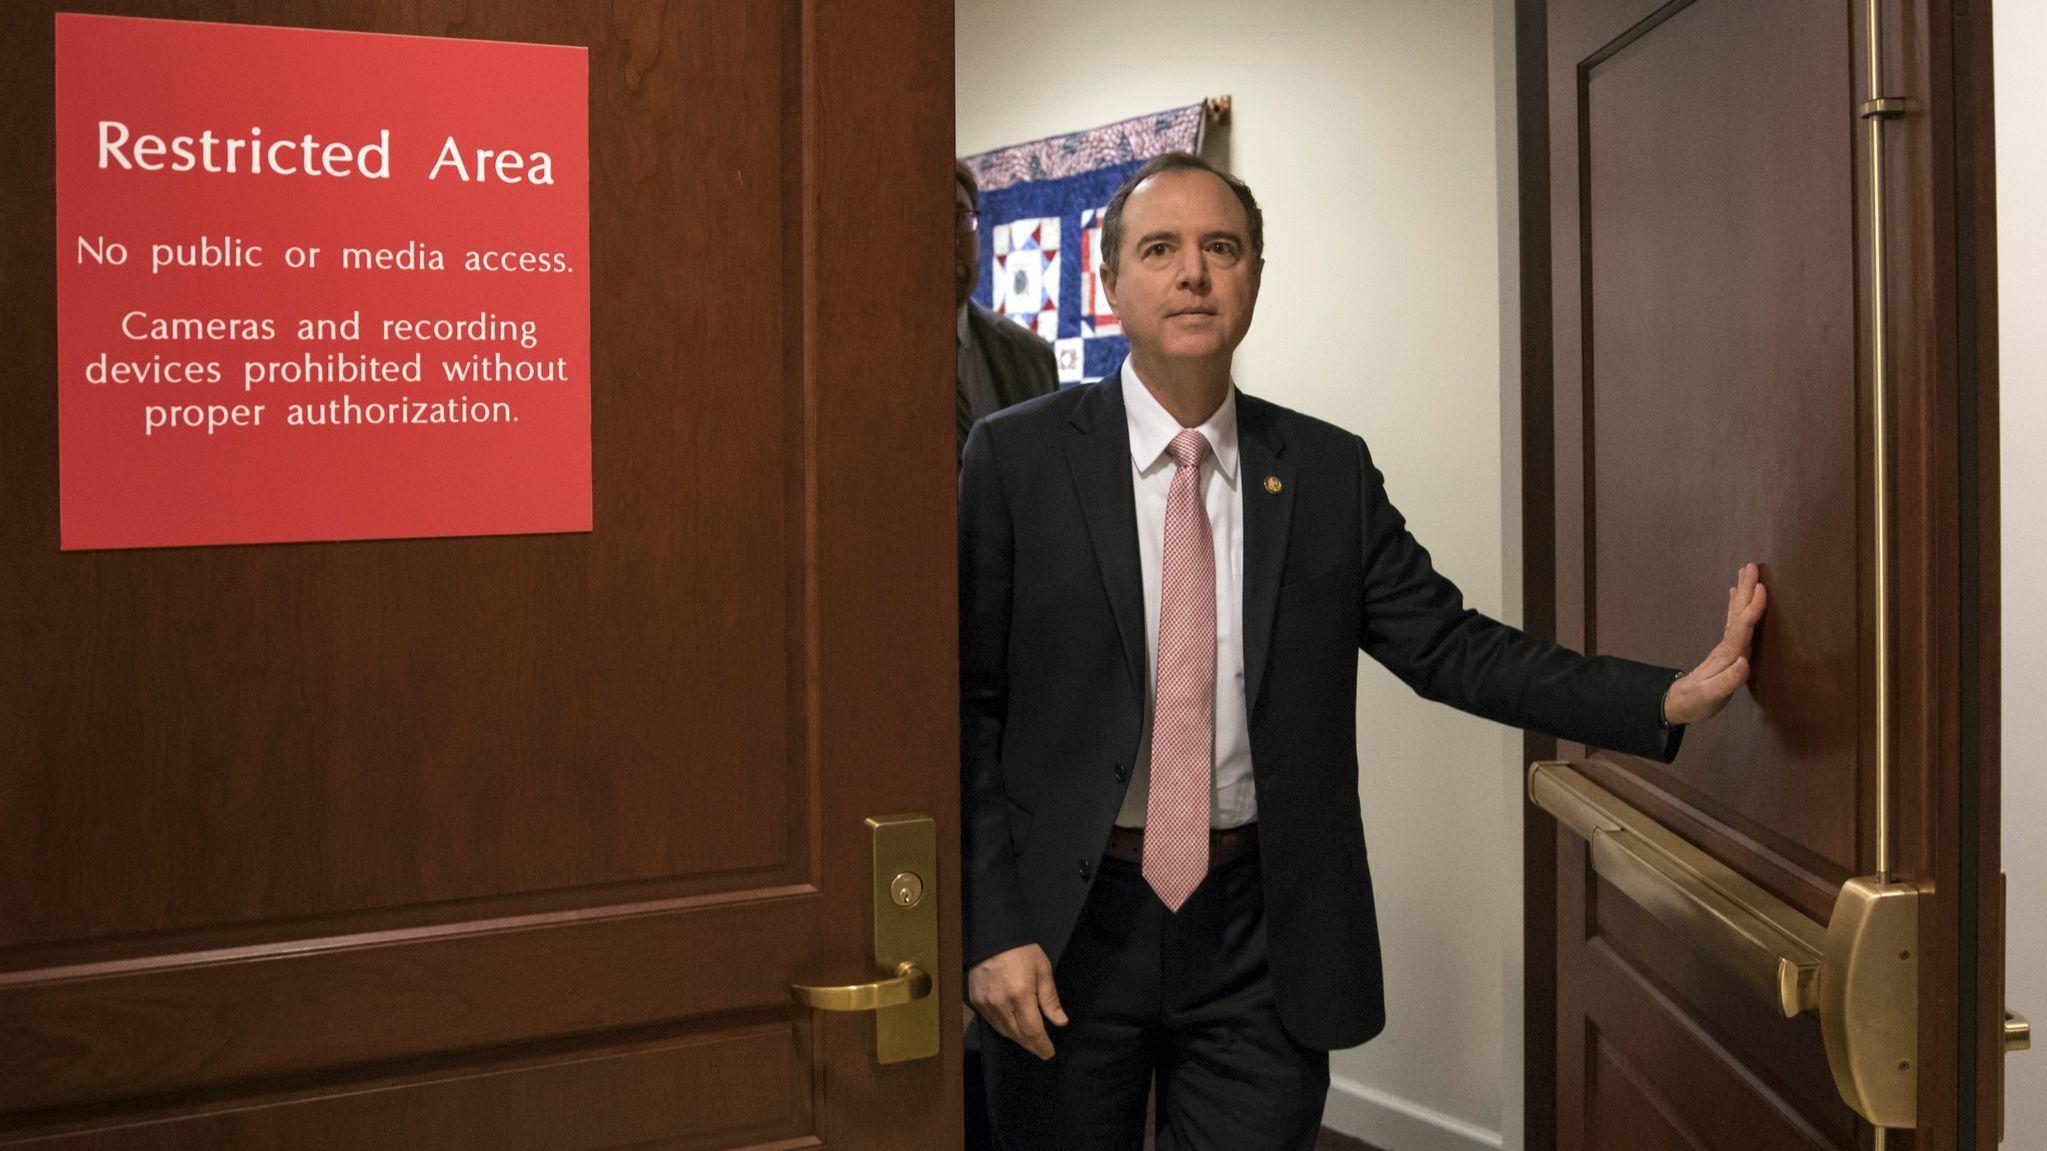 Calls for Adam Schiff's resignation are a disingenuous partisan pile-on